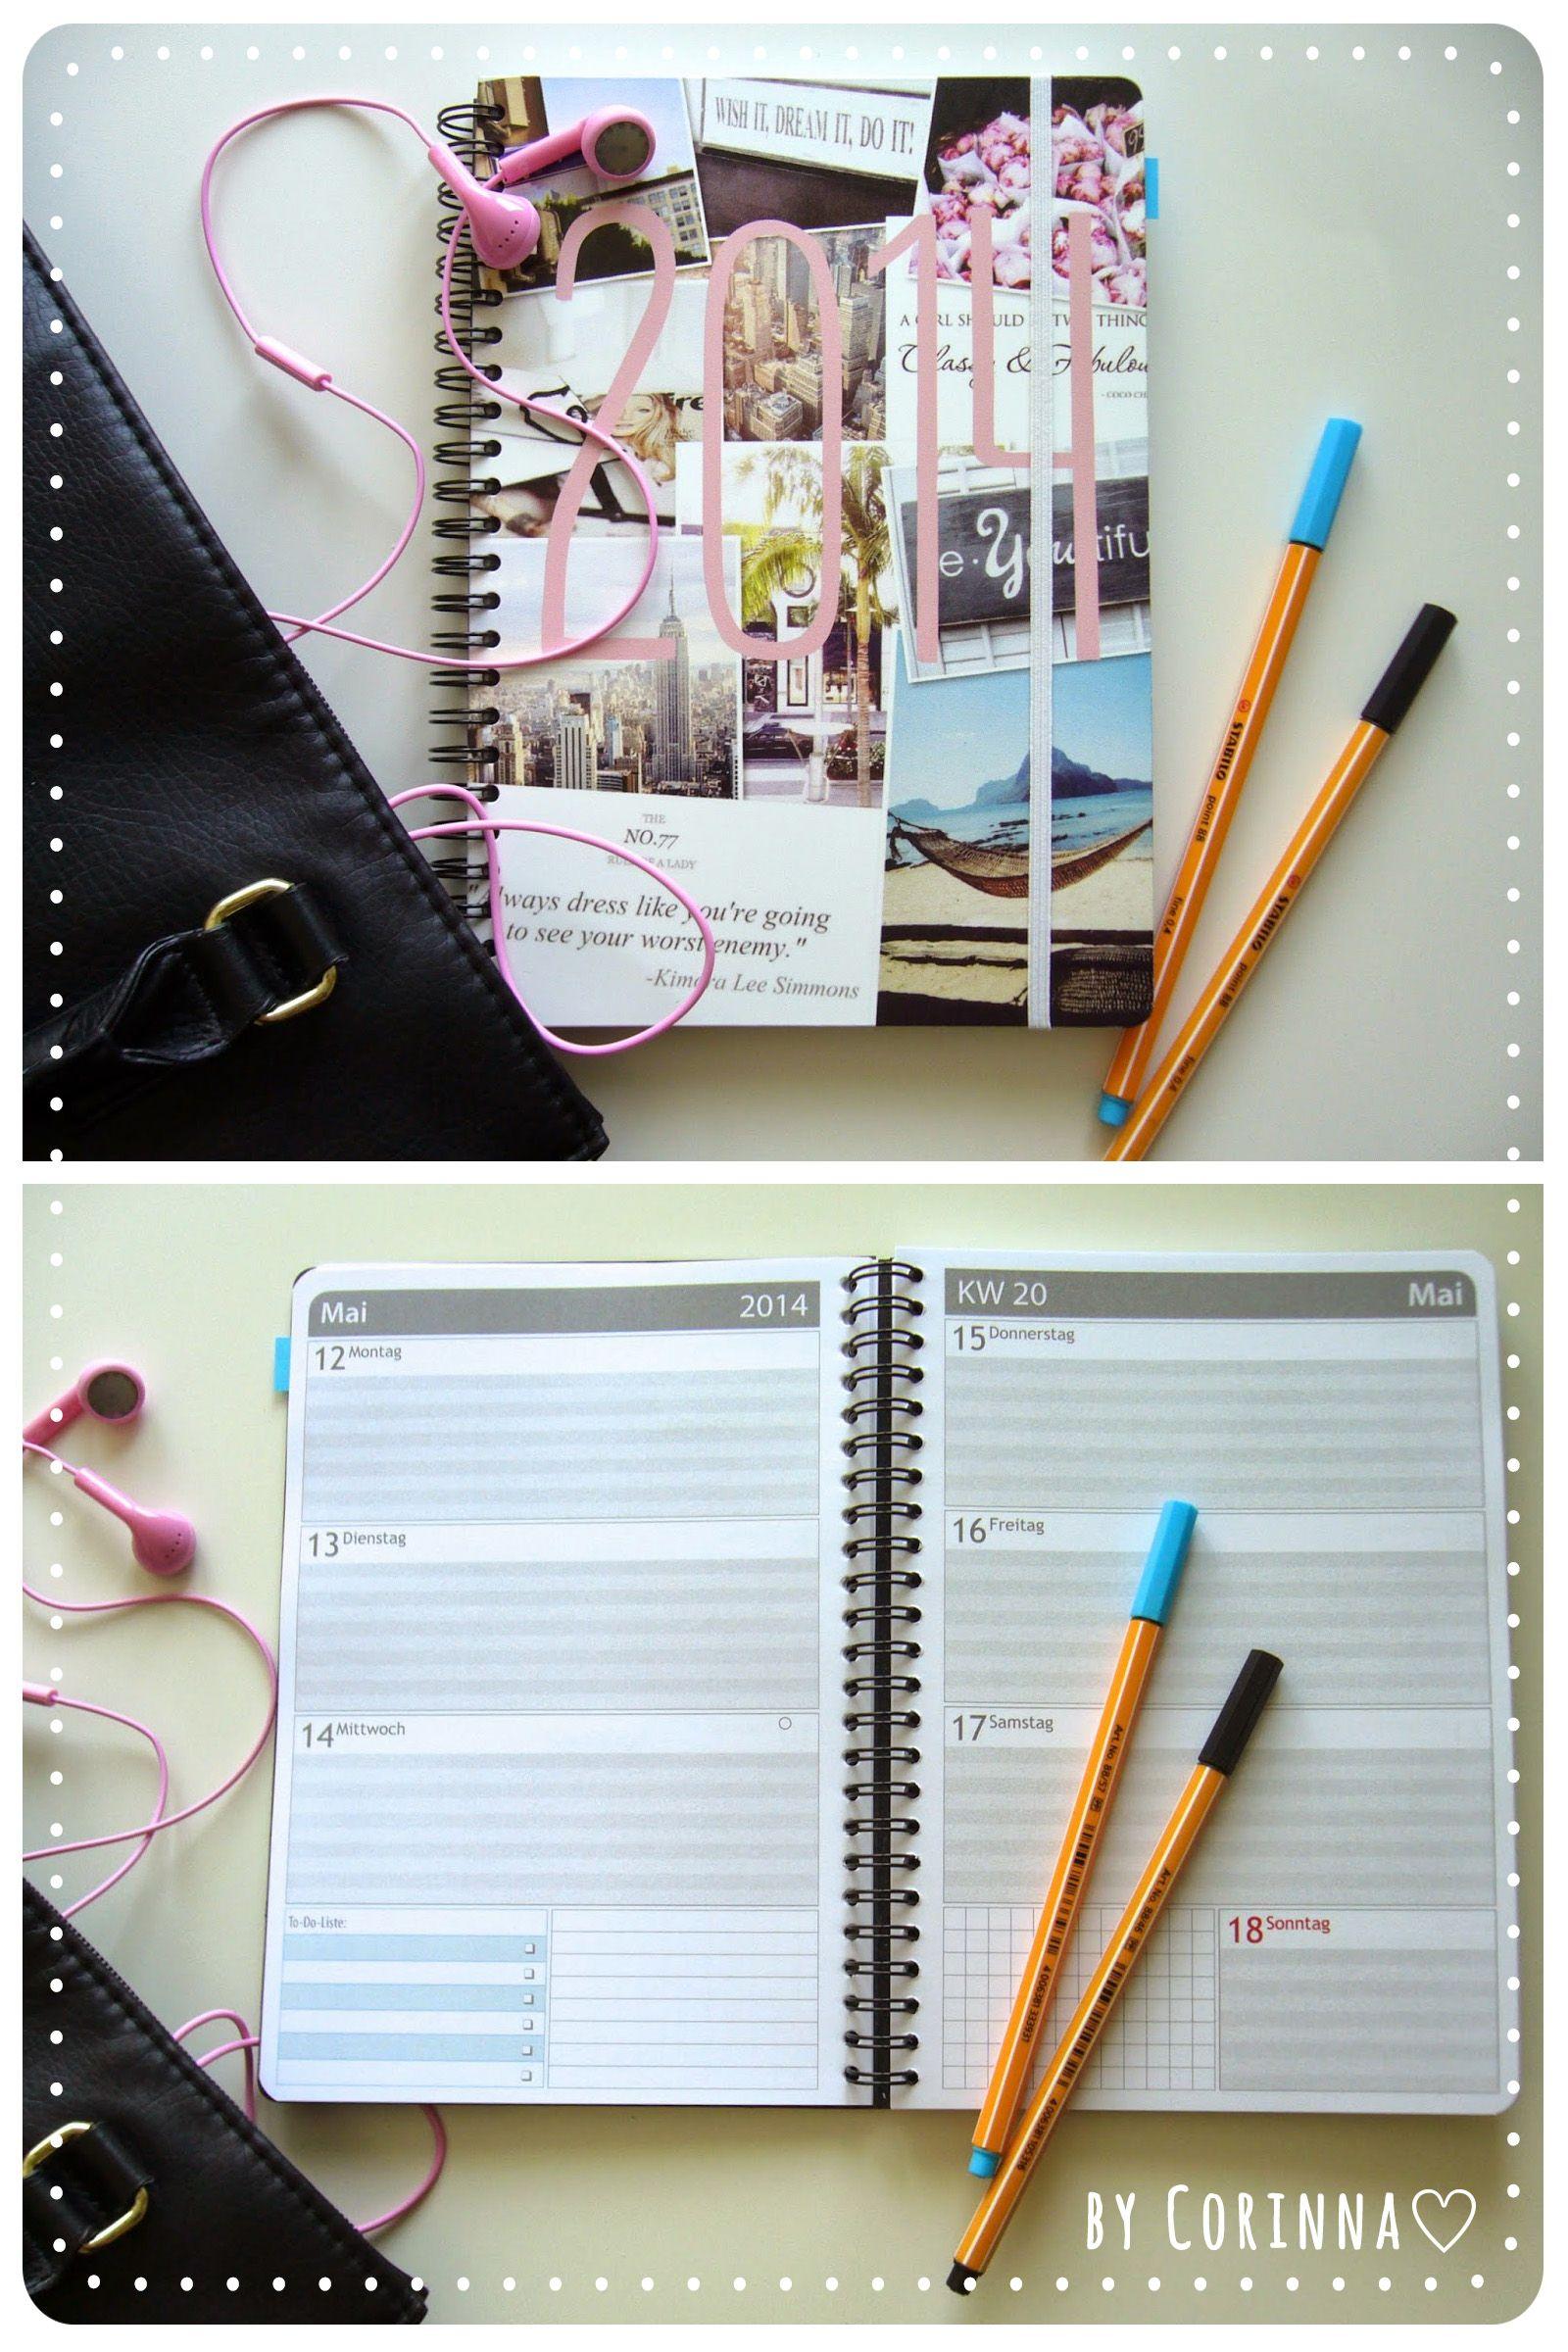 taschenkalender selbst gestalten corinna bloggt ihren kalender. Black Bedroom Furniture Sets. Home Design Ideas